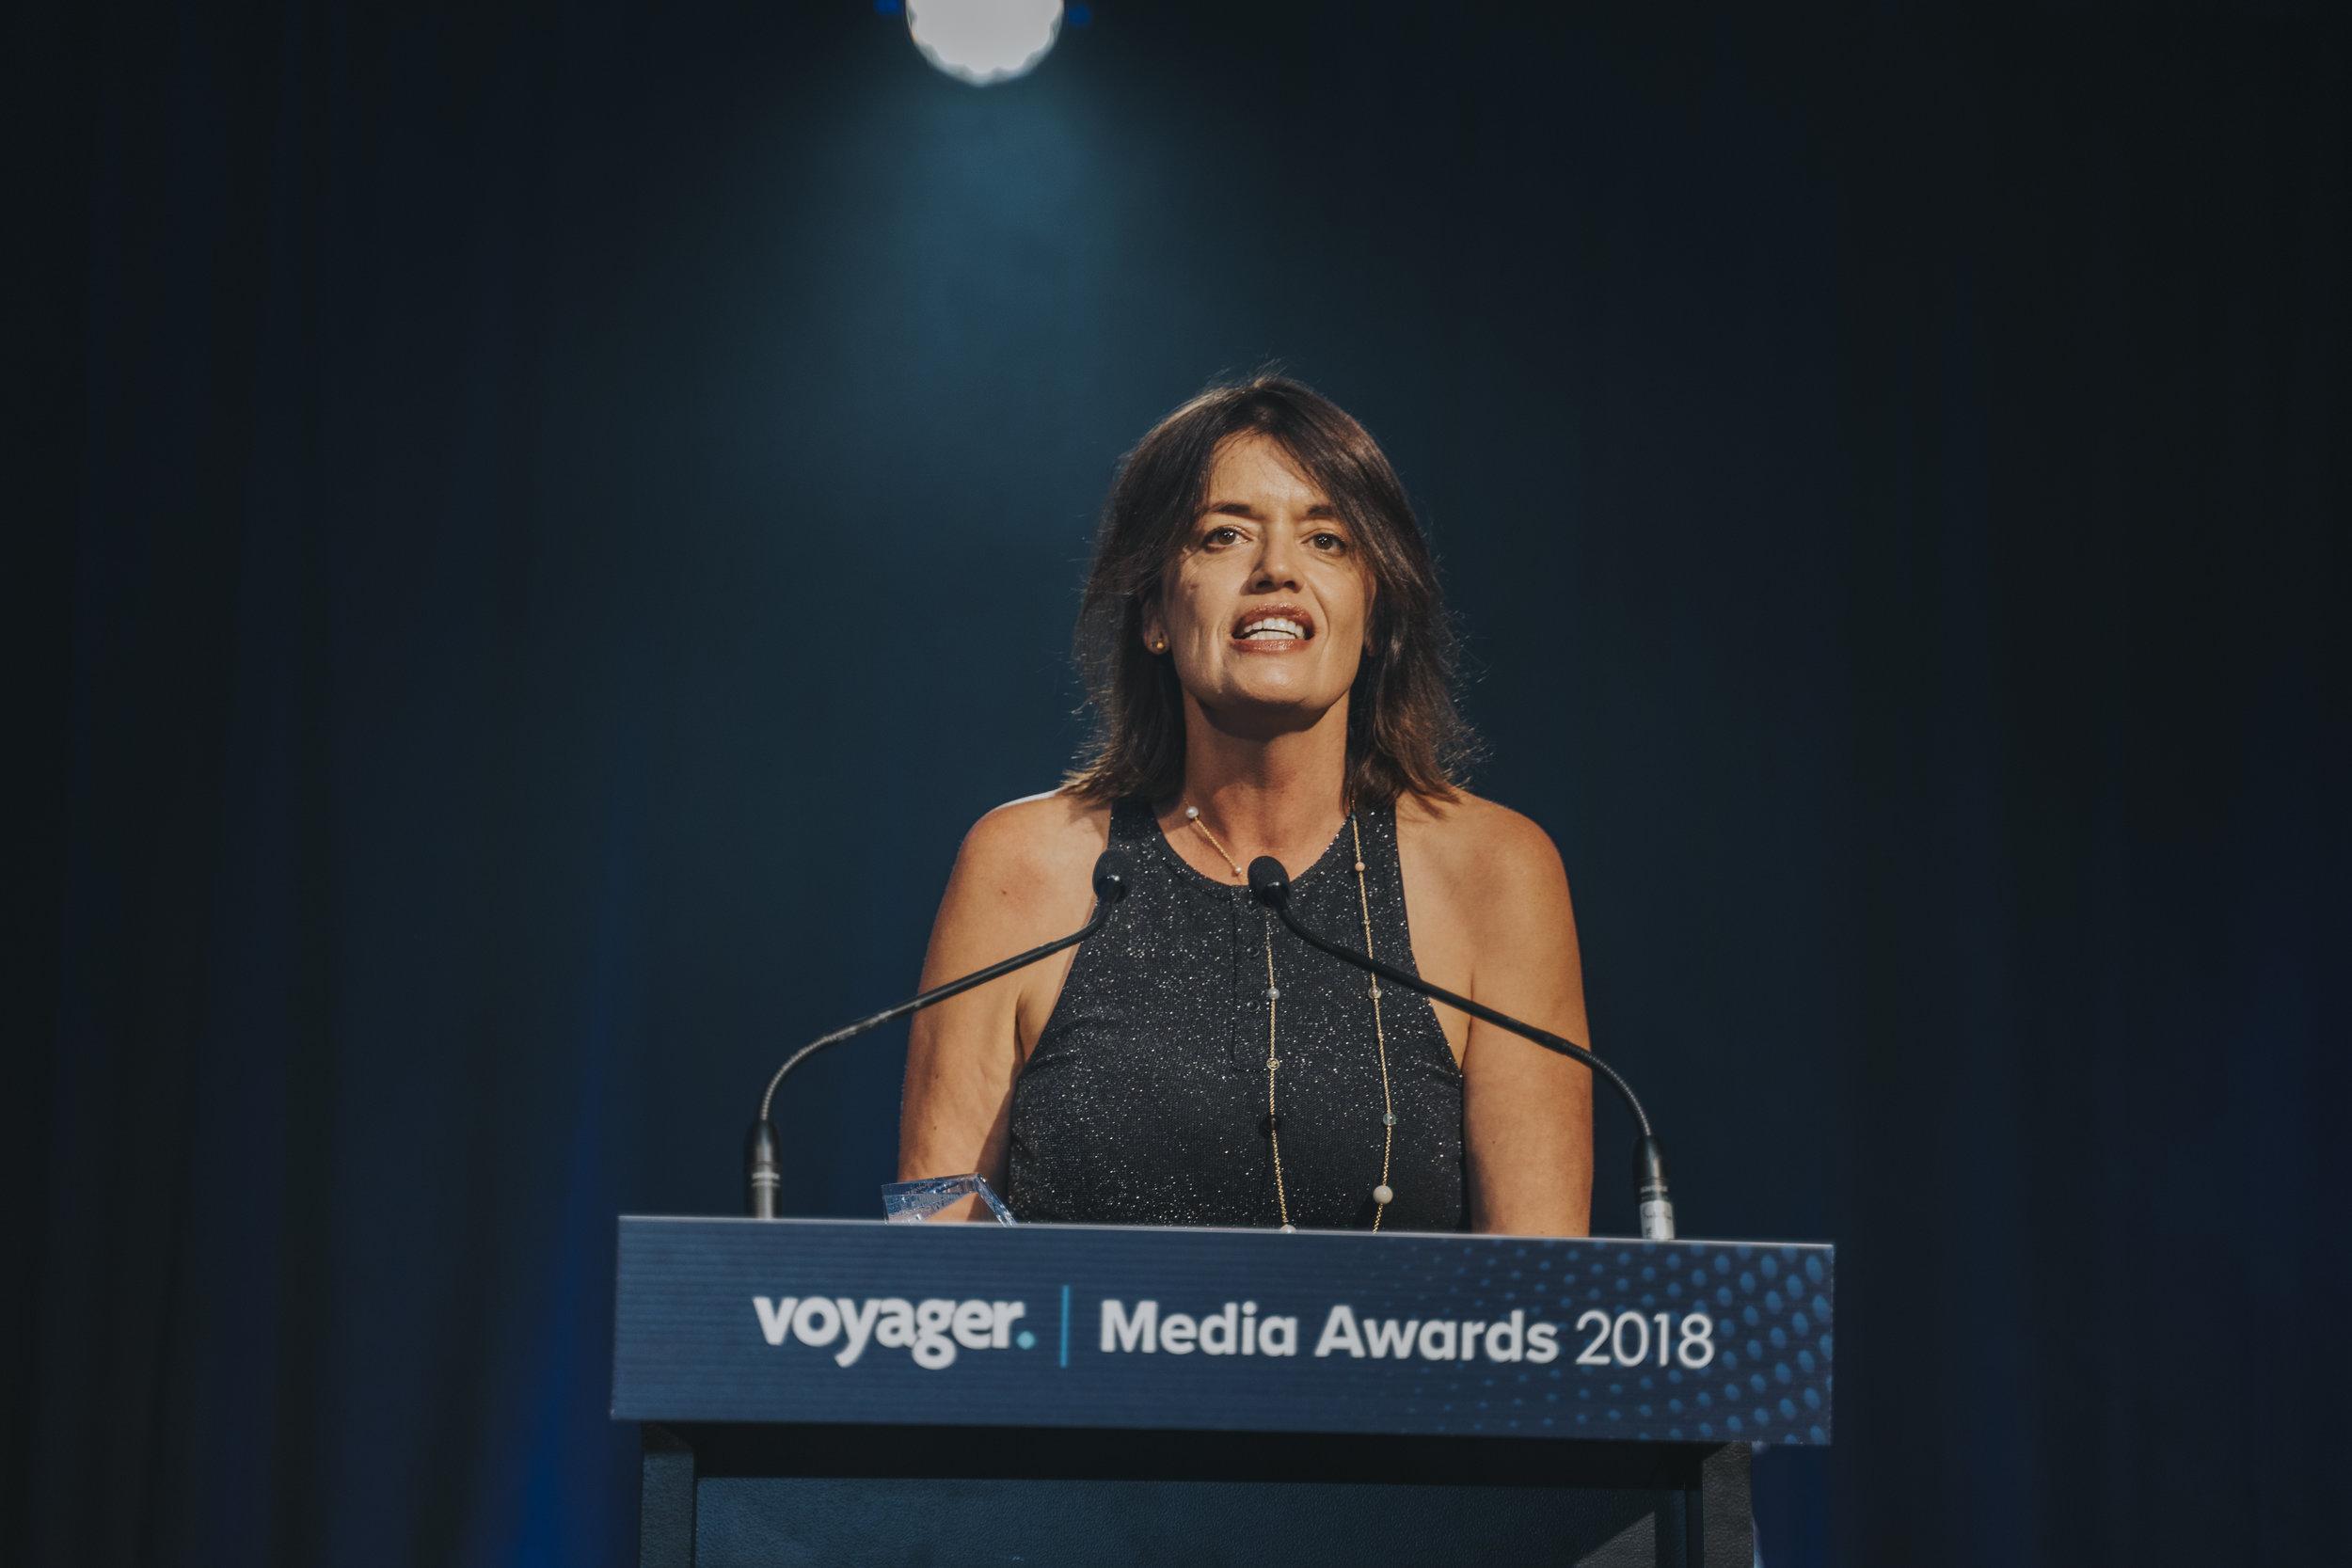 Voyager Media Awards 2018-134.JPG